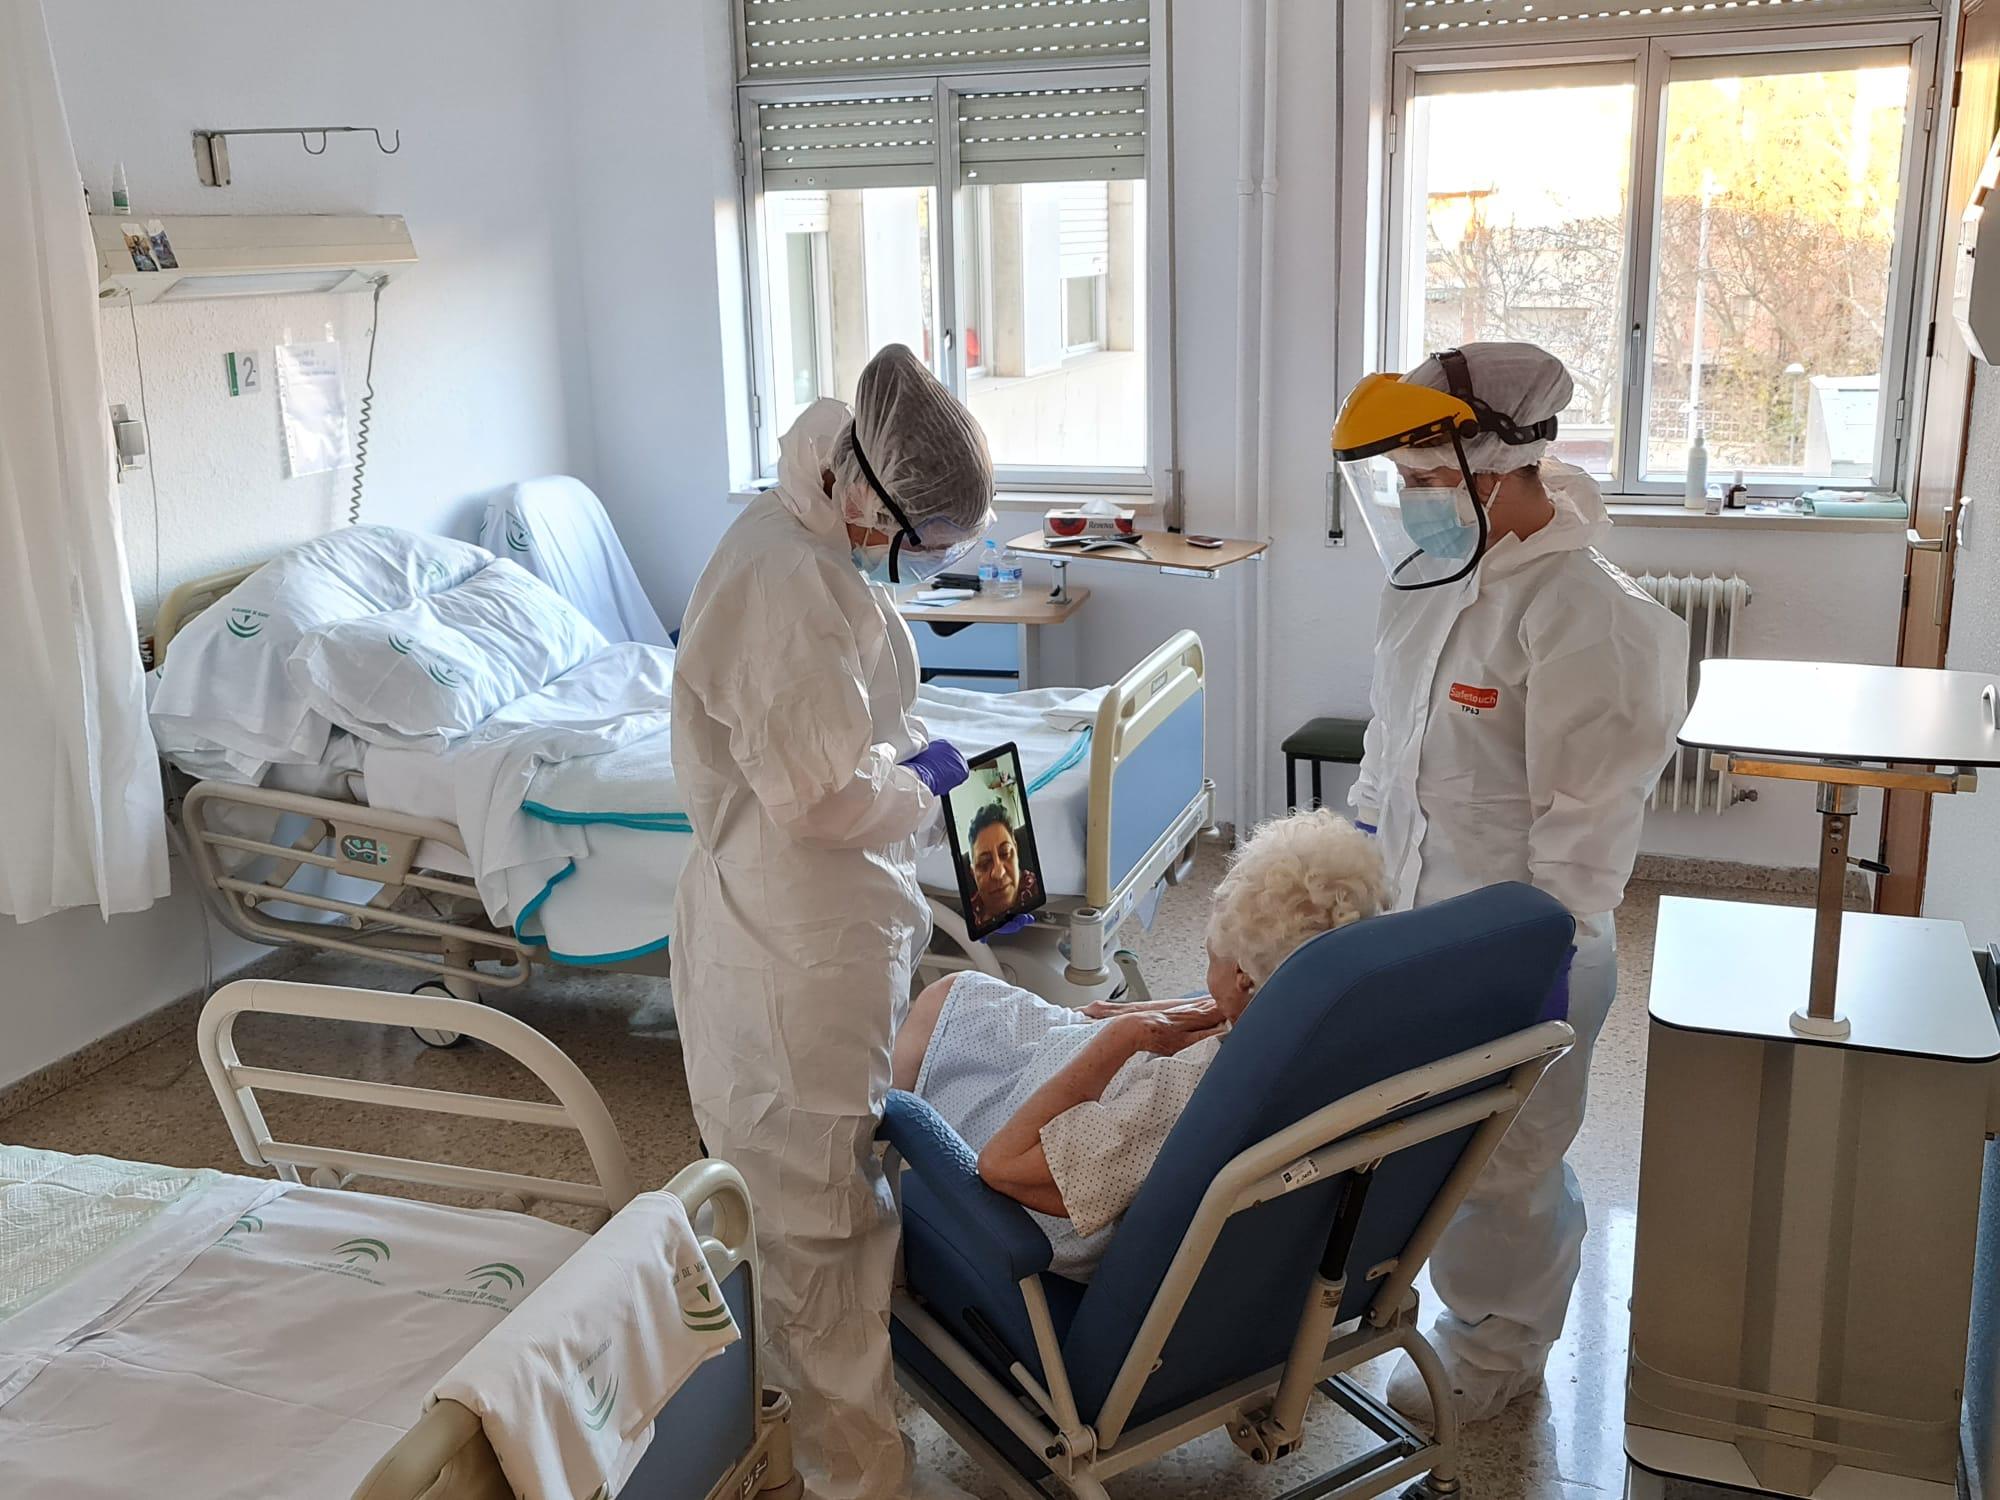 El Clínico edita un video con testimonios de familiares y pacientes que han vivido en primera persona la pandemia